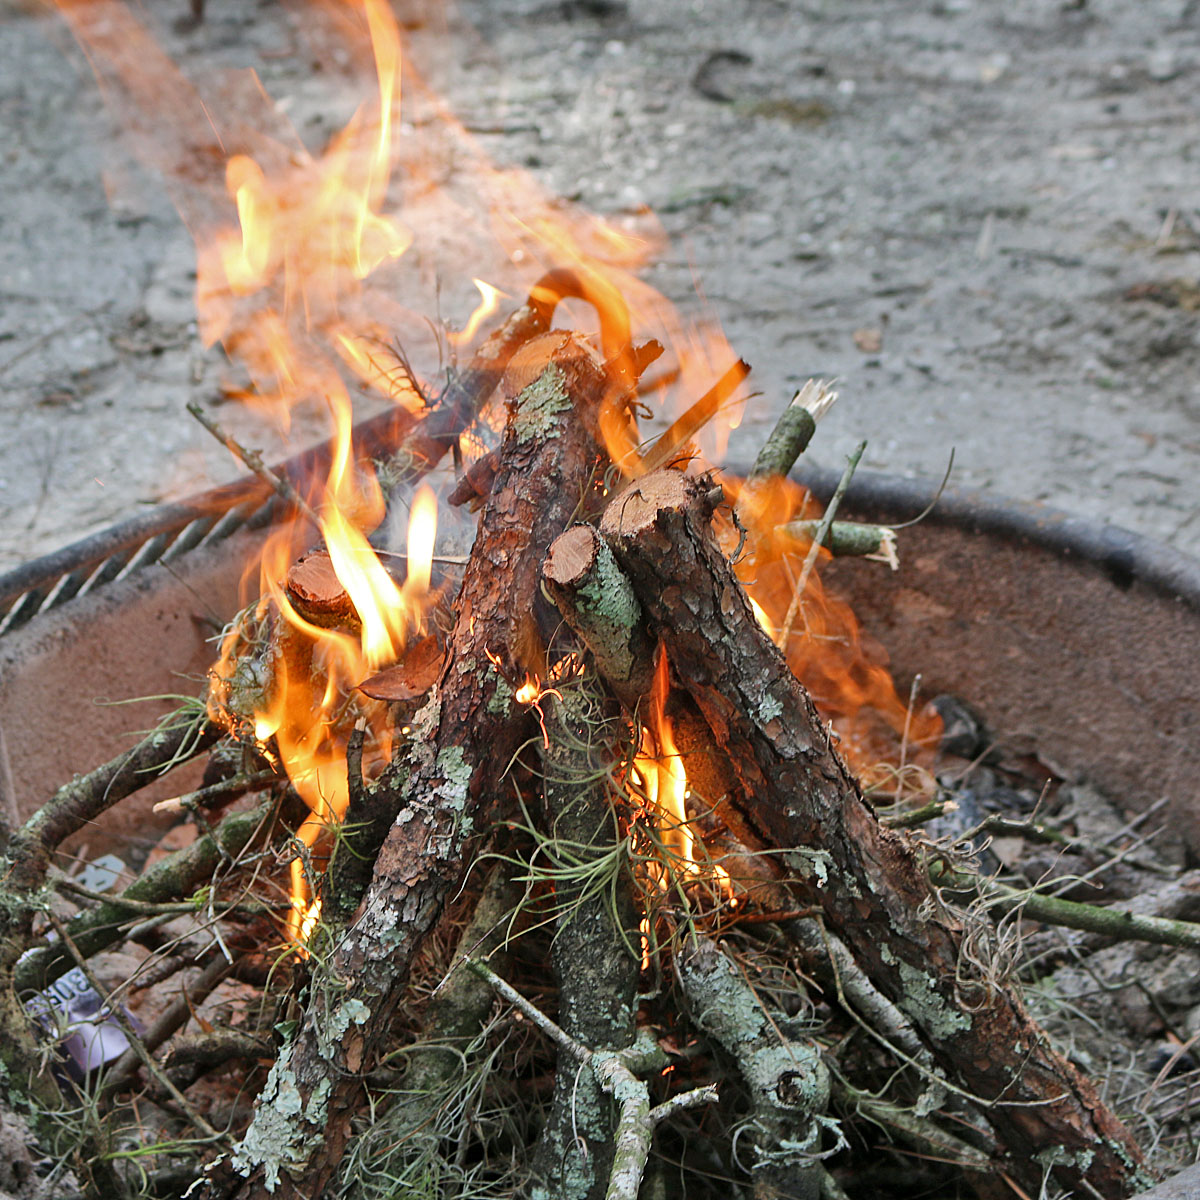 Campfire Building 101